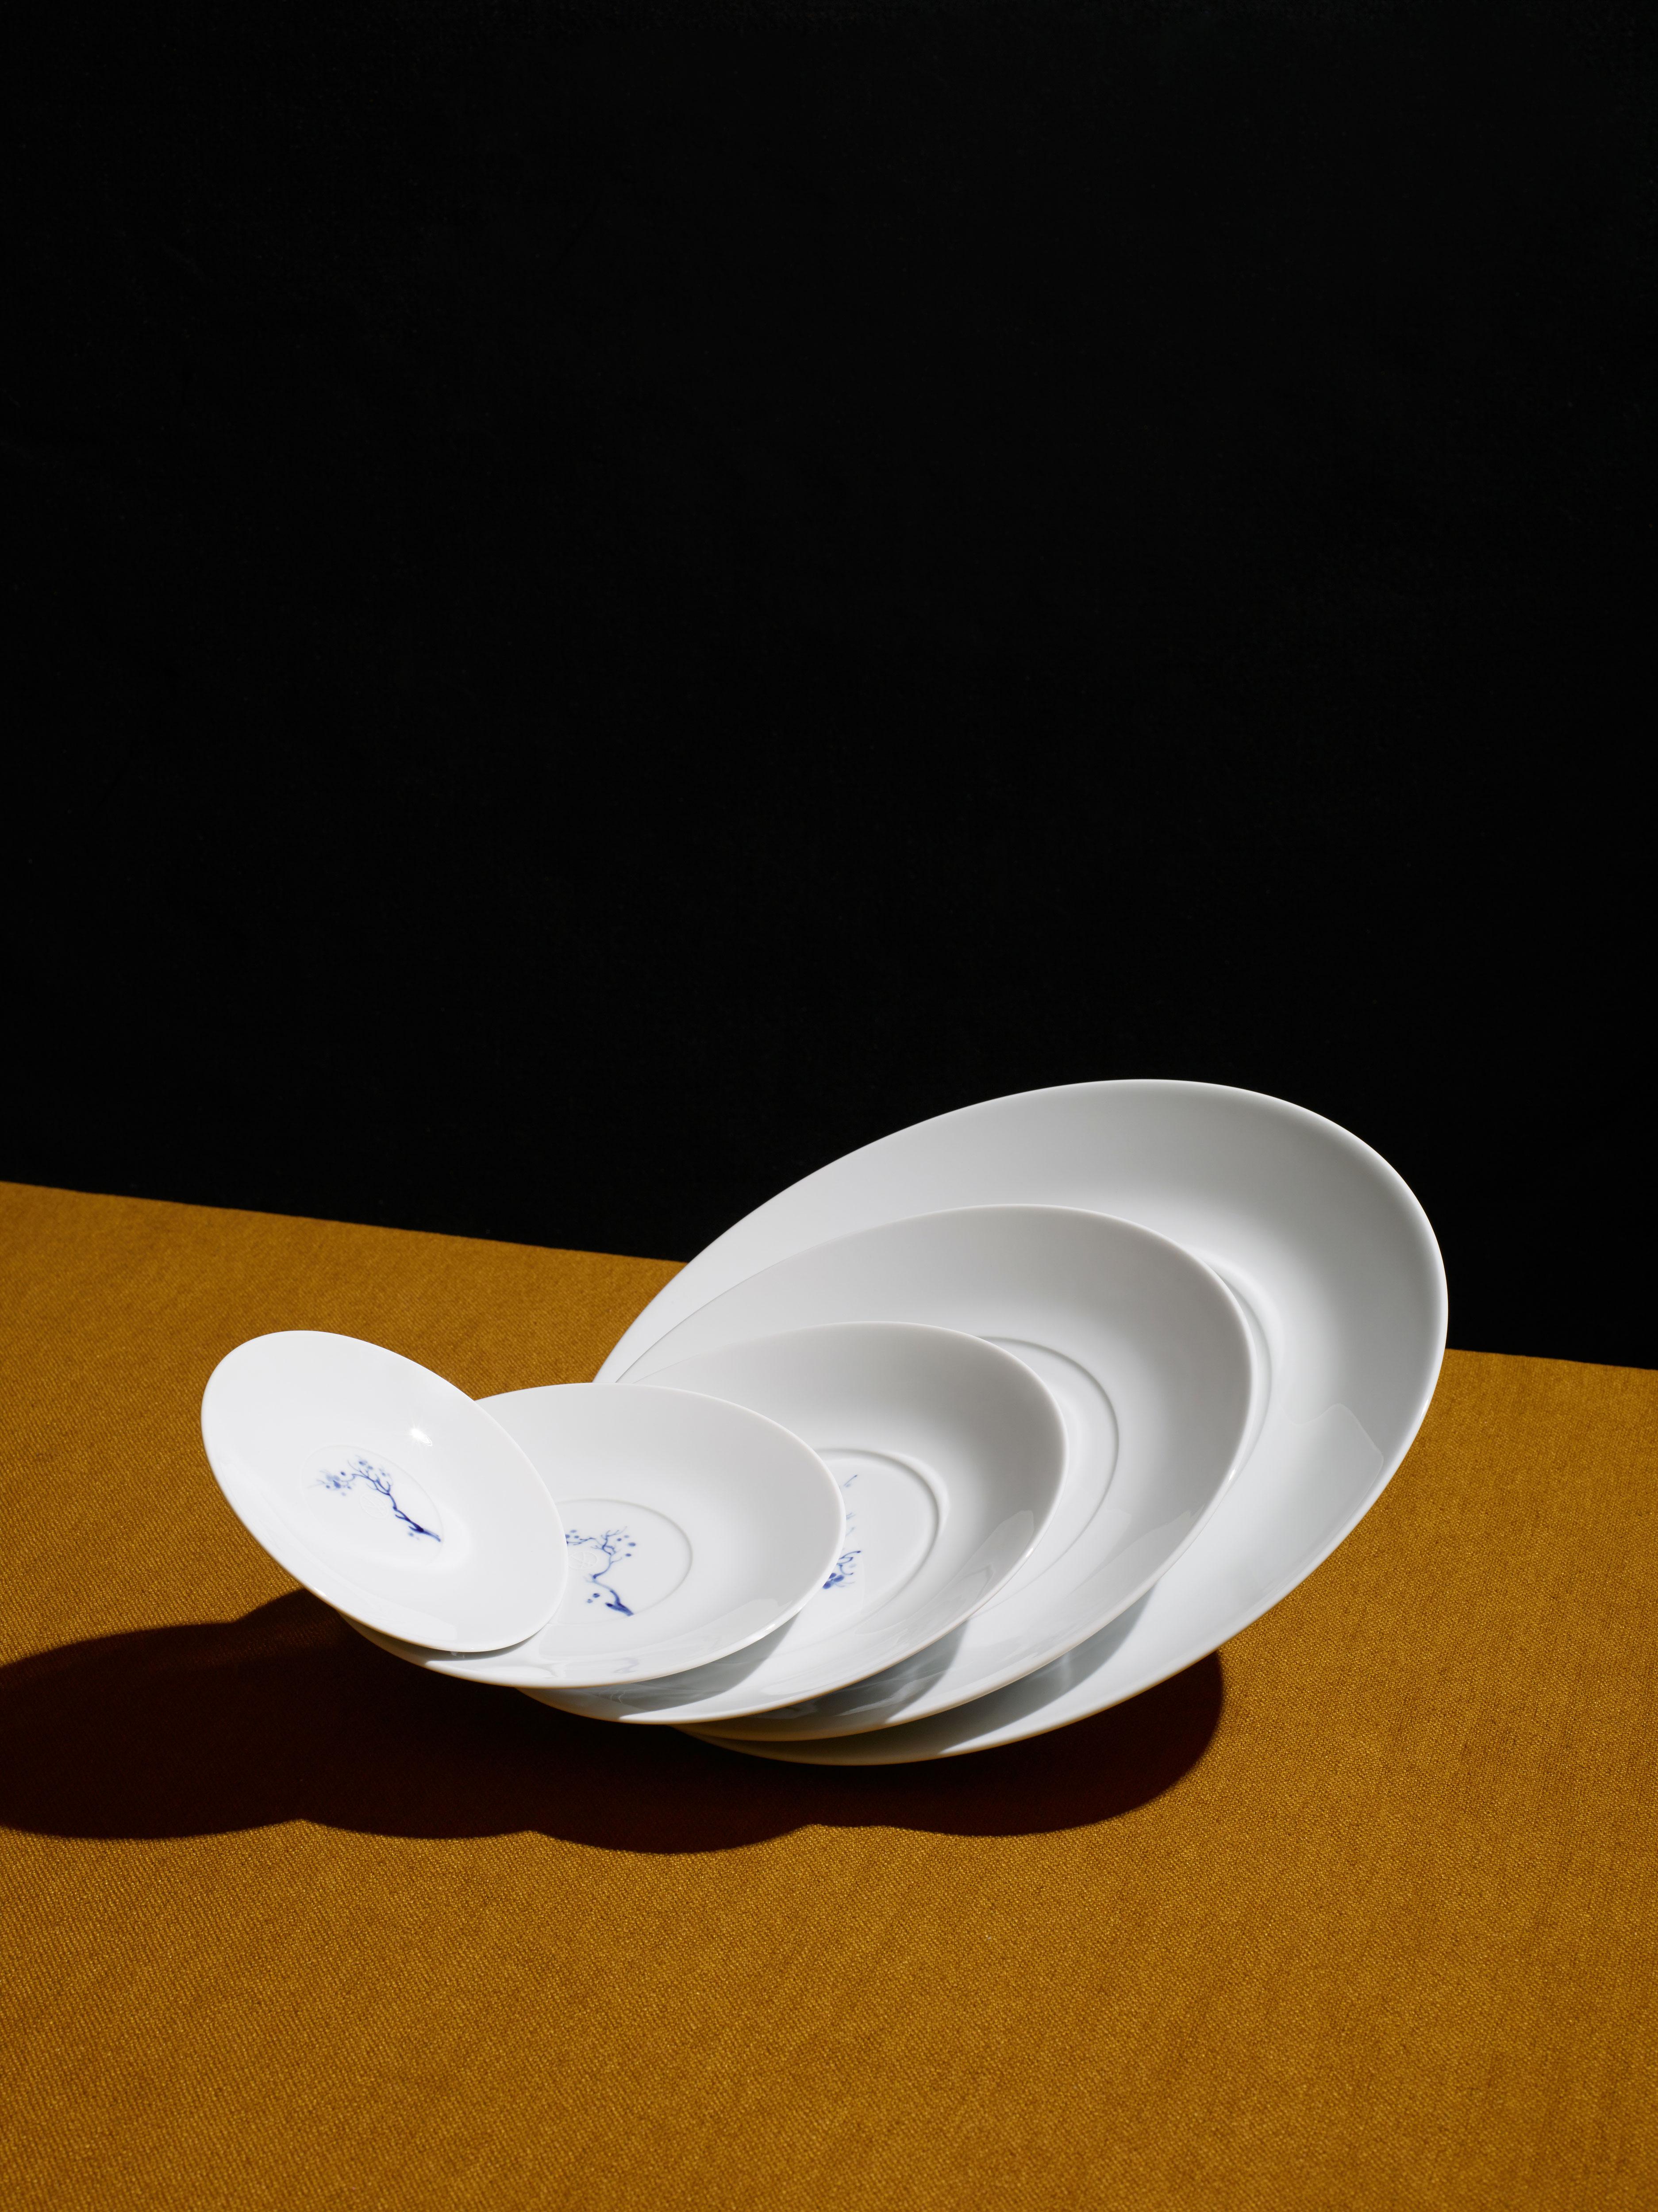 meissen-porcelain_kollektion_tisch-und-tafel_cosmopolitan_-orchid_white_1